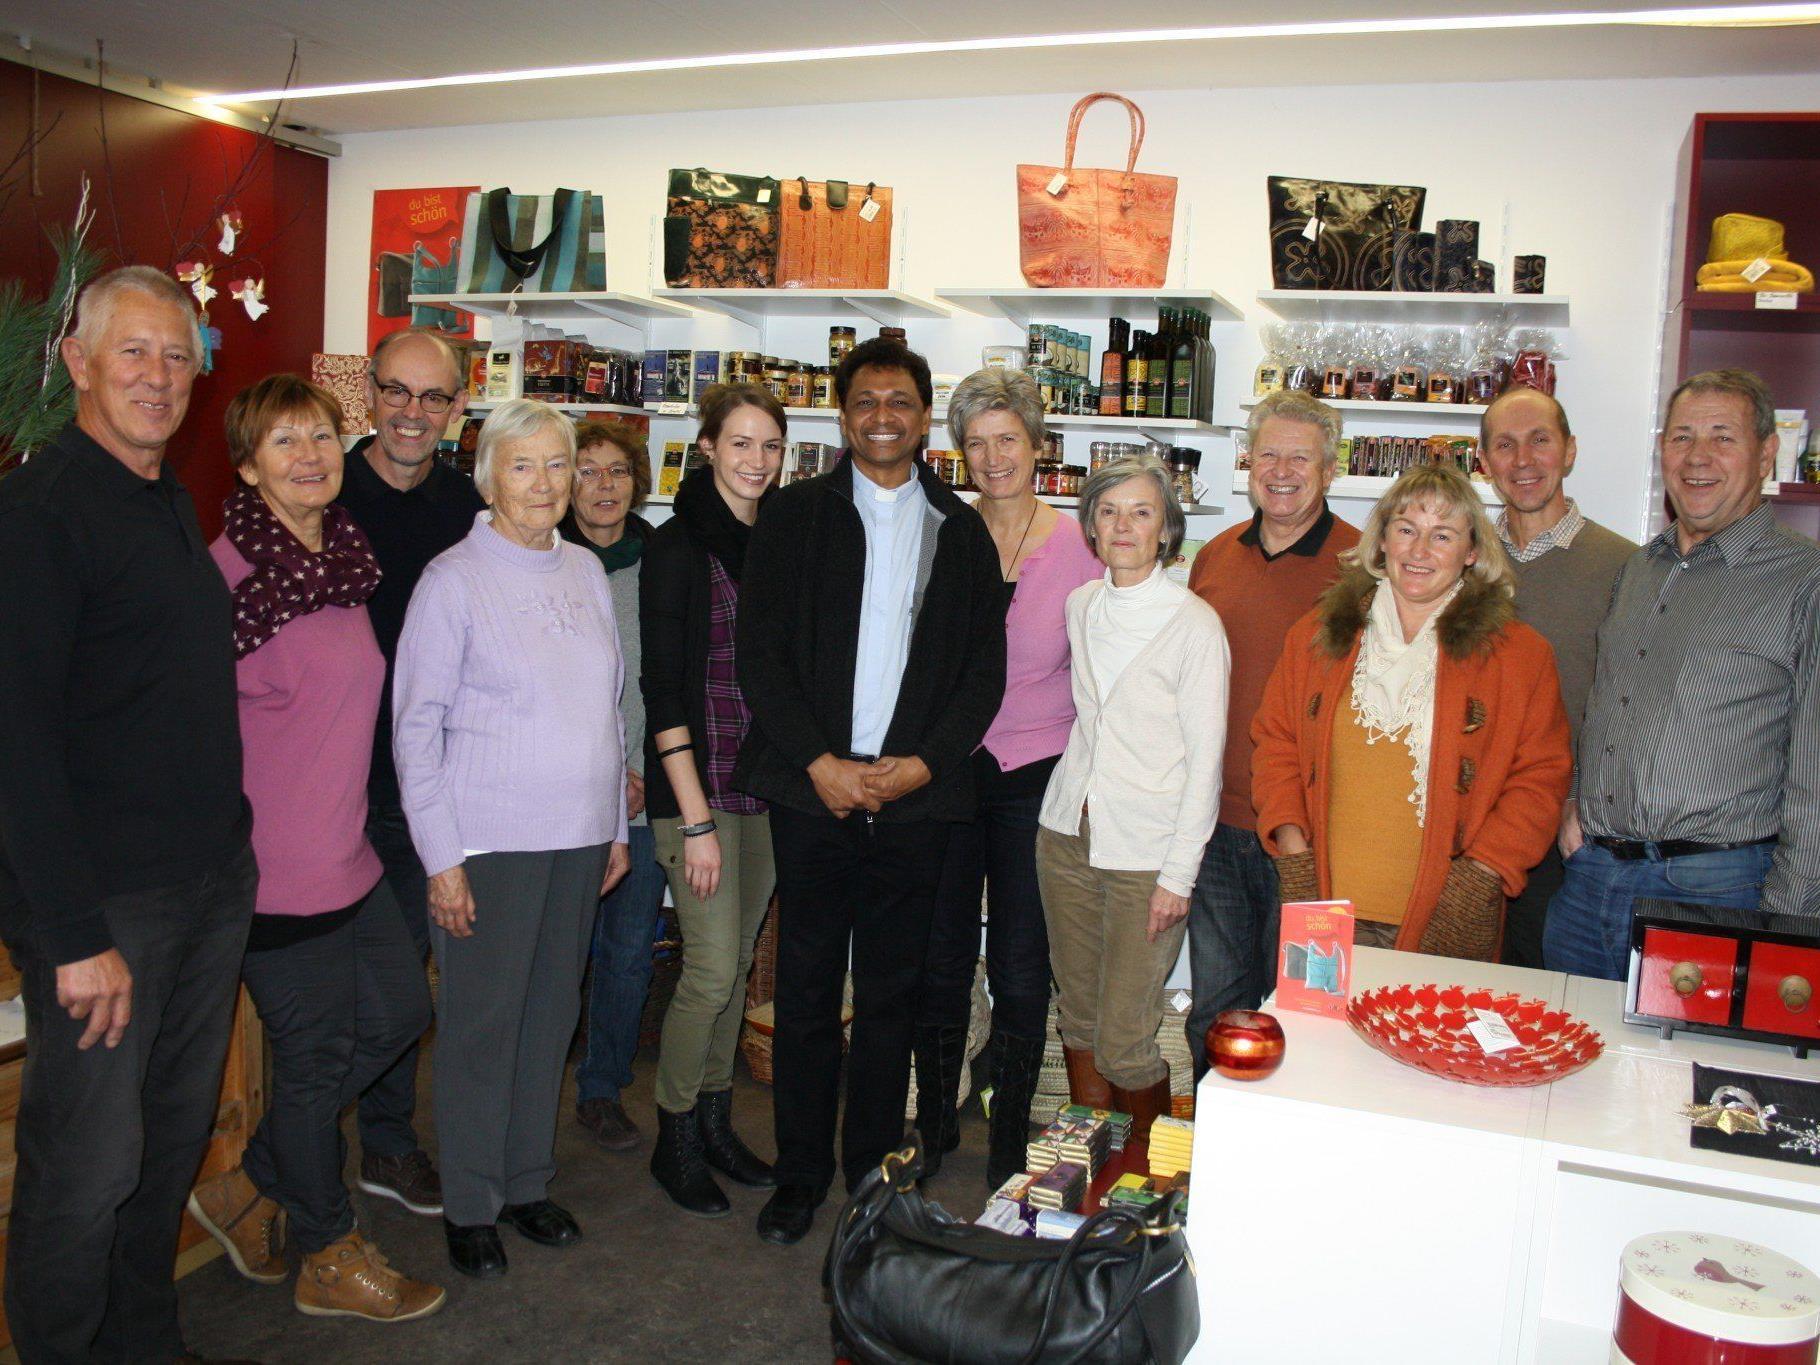 Mit einem Besuch im Weltladen Leiblachtal in Lochau bedankte sich Pater Raja beim gesamten Team persönlich für die großzügige Unterstützung.